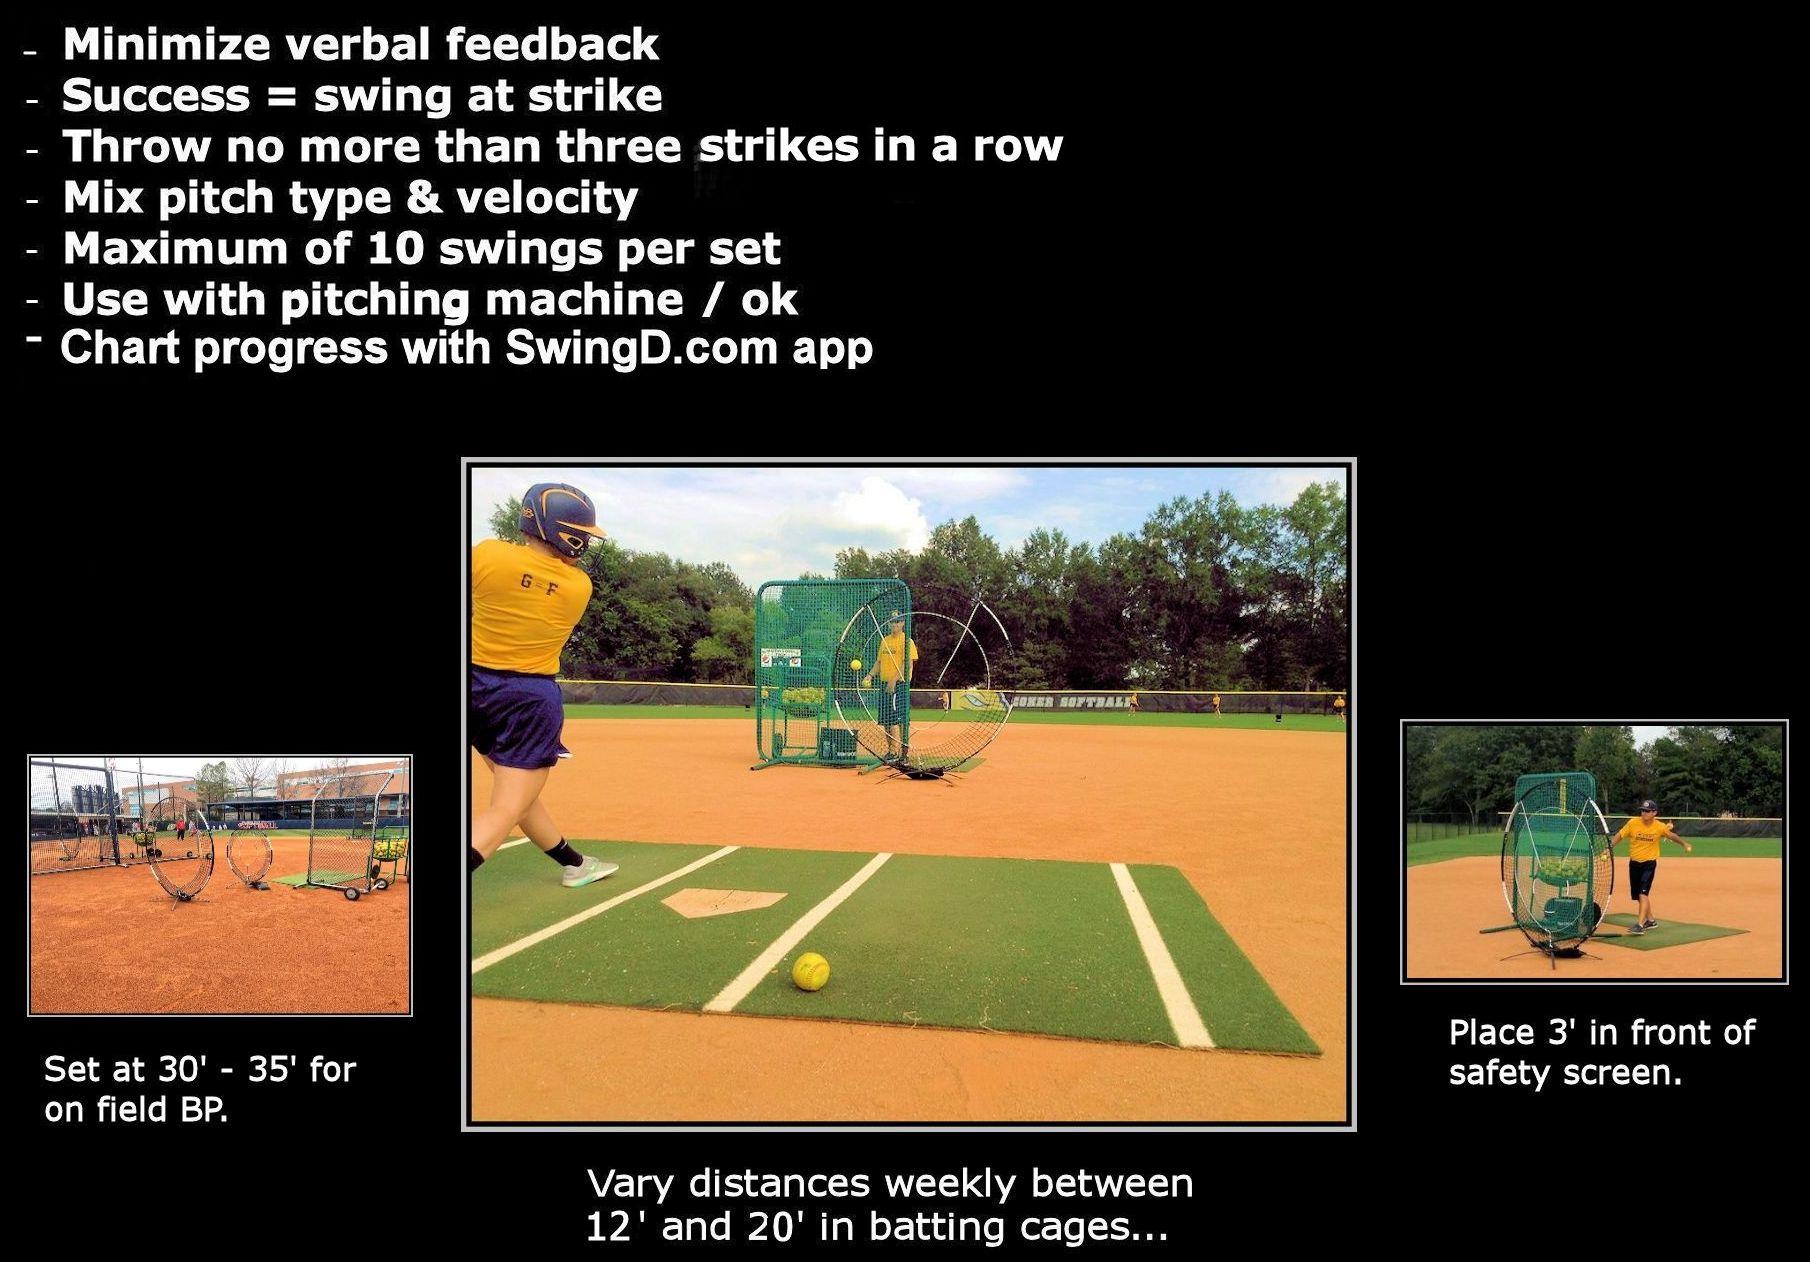 softball-back-v-flex-1.jpg